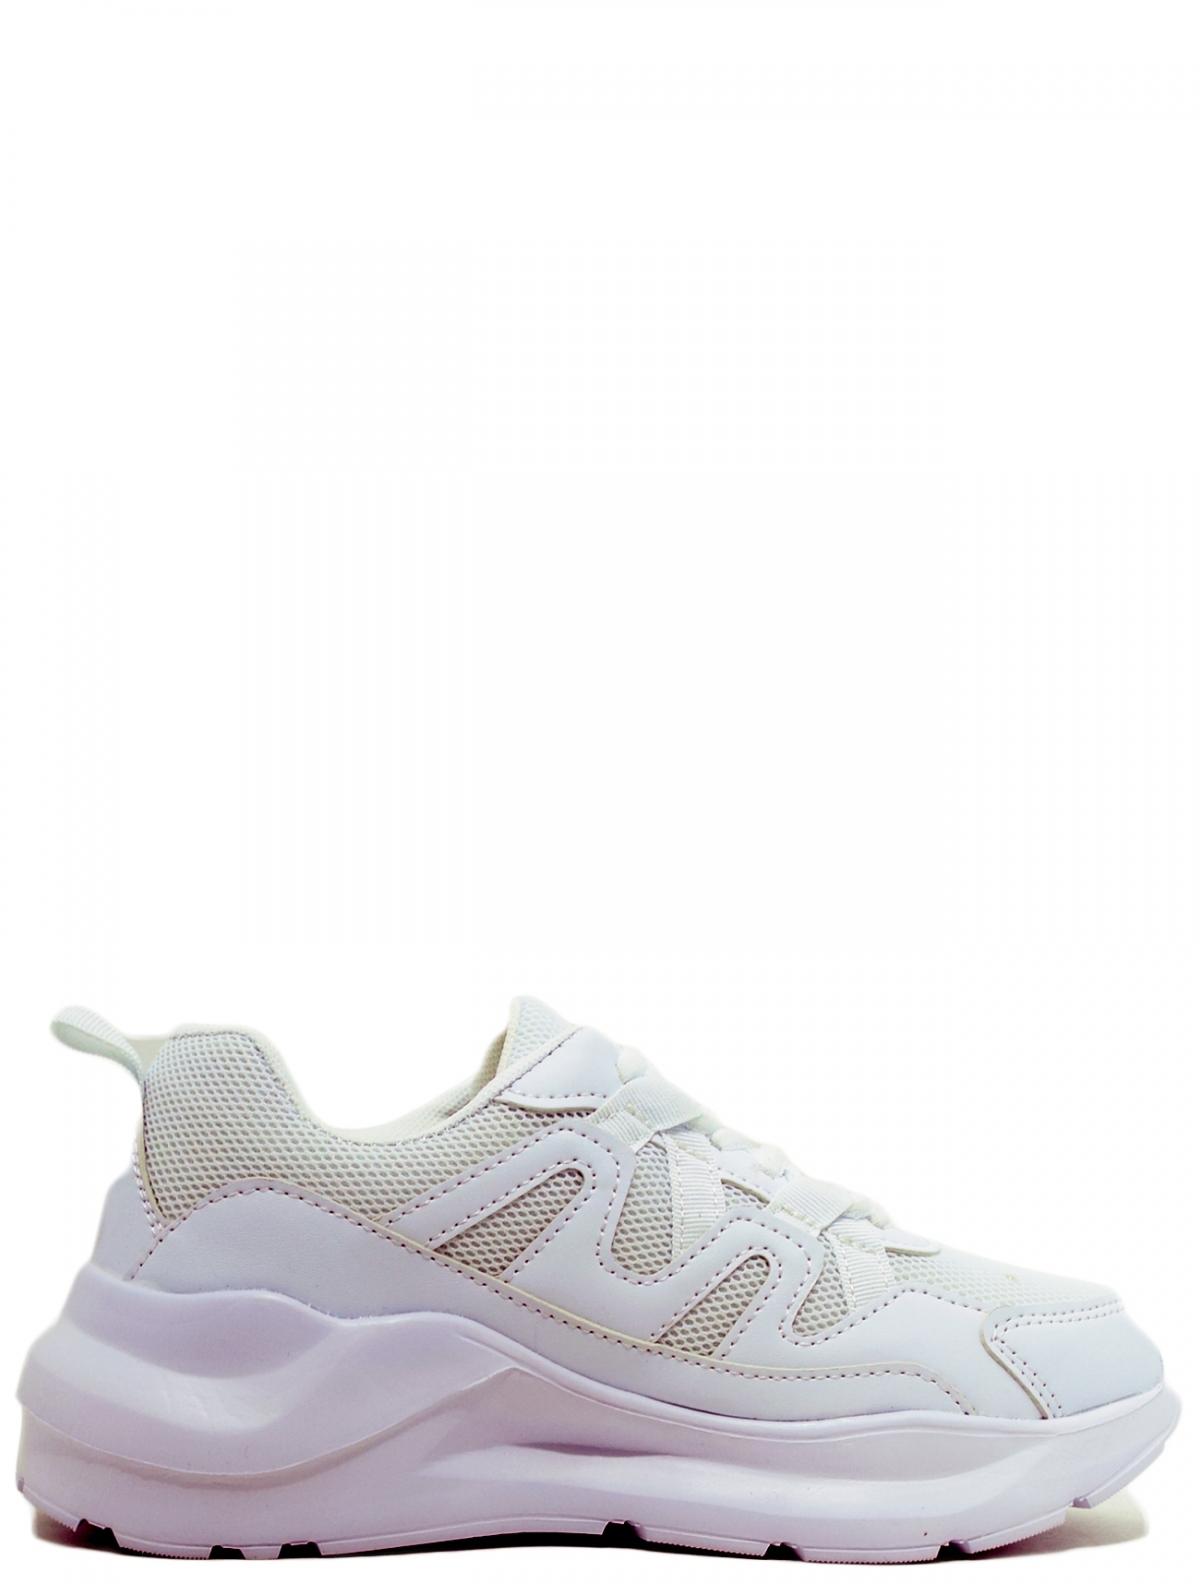 Trien KG19002 женские кроссовки